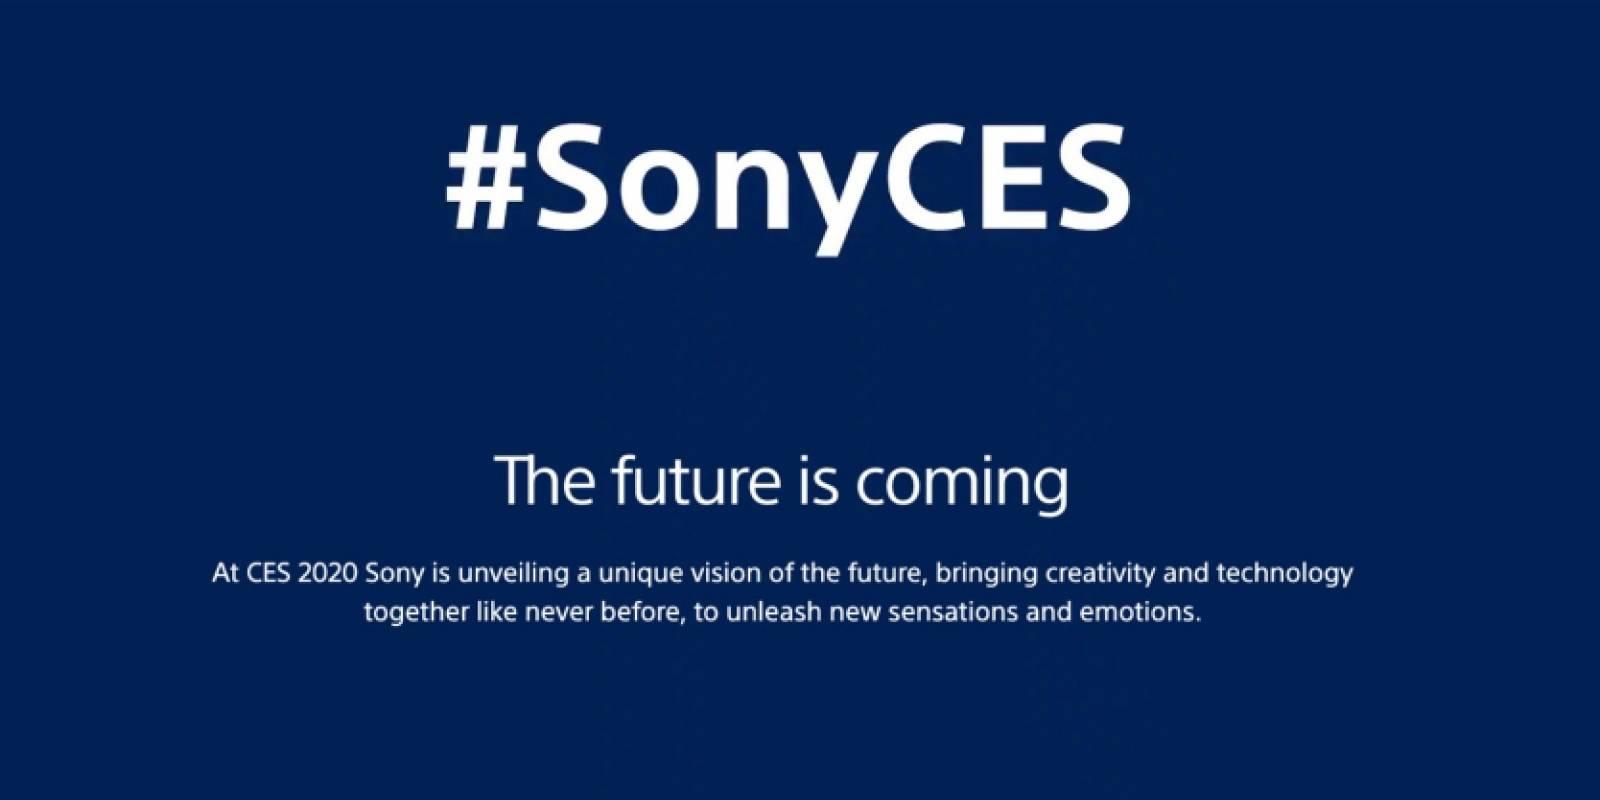 [TERMINADO] Así fue la conferencia de Sony en la CES 2020: oficializaron el nunevo logo